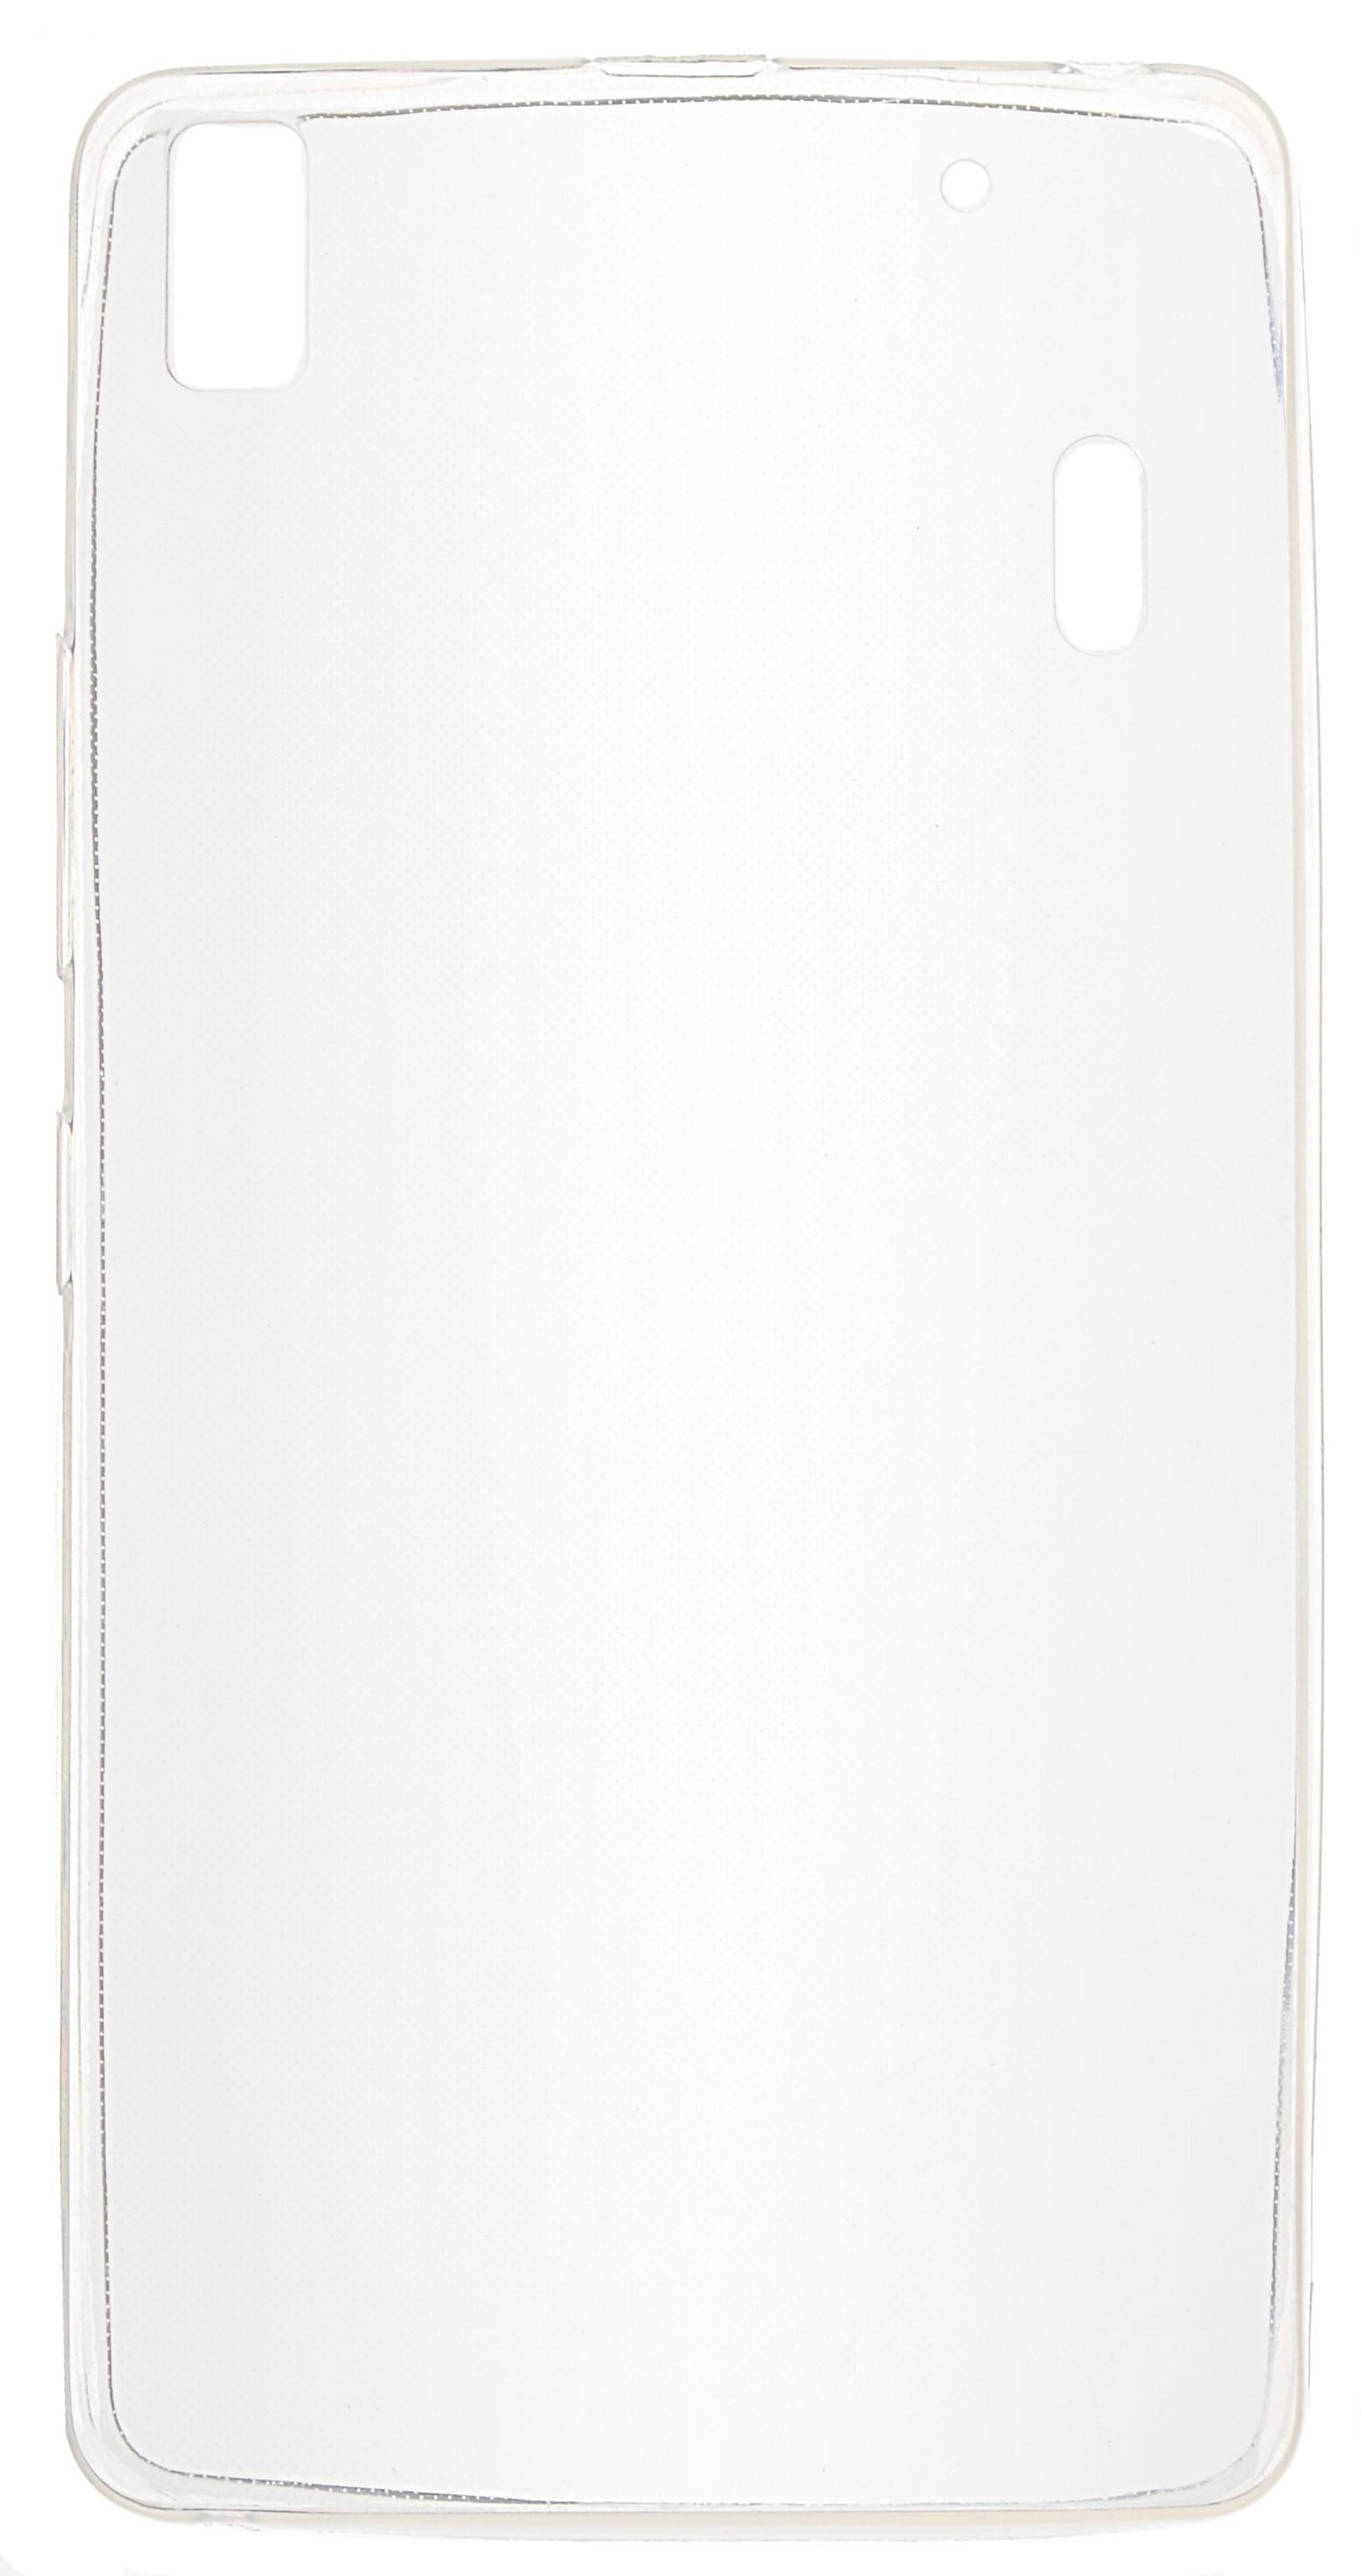 Чехол для сотового телефона skinBOX Slim Silicone, 4630042528512, прозрачный